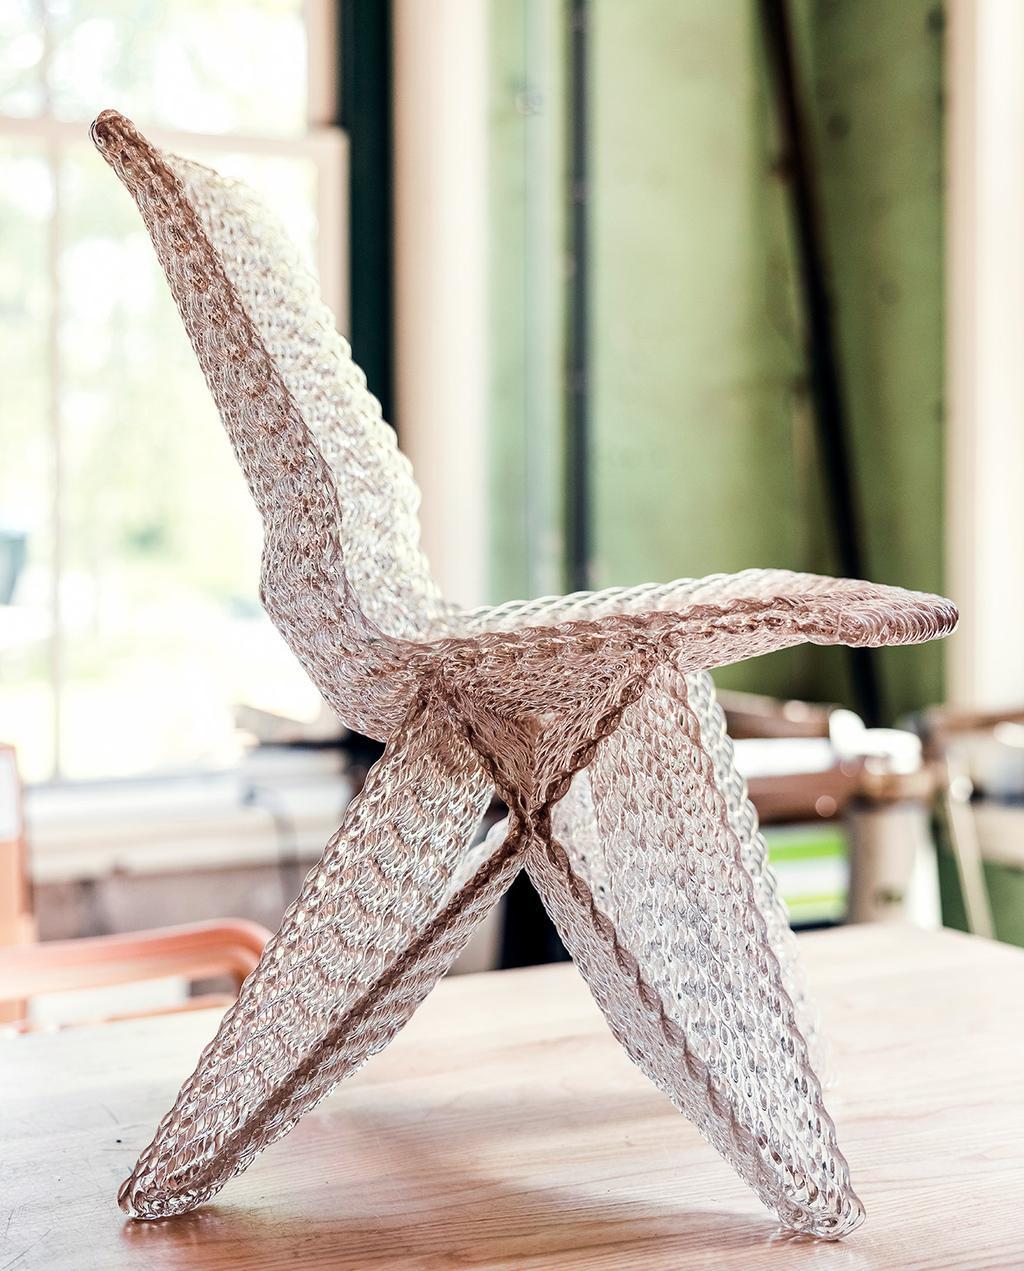 vtwonen 07-2021   stoel ontworpen door Dirk met gerecycled materiaal